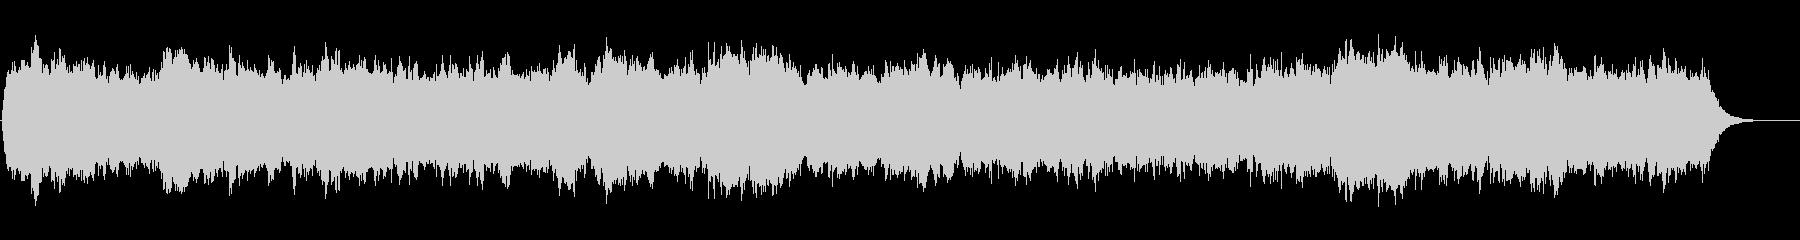 三声の壮大なパイプオルガン曲の未再生の波形